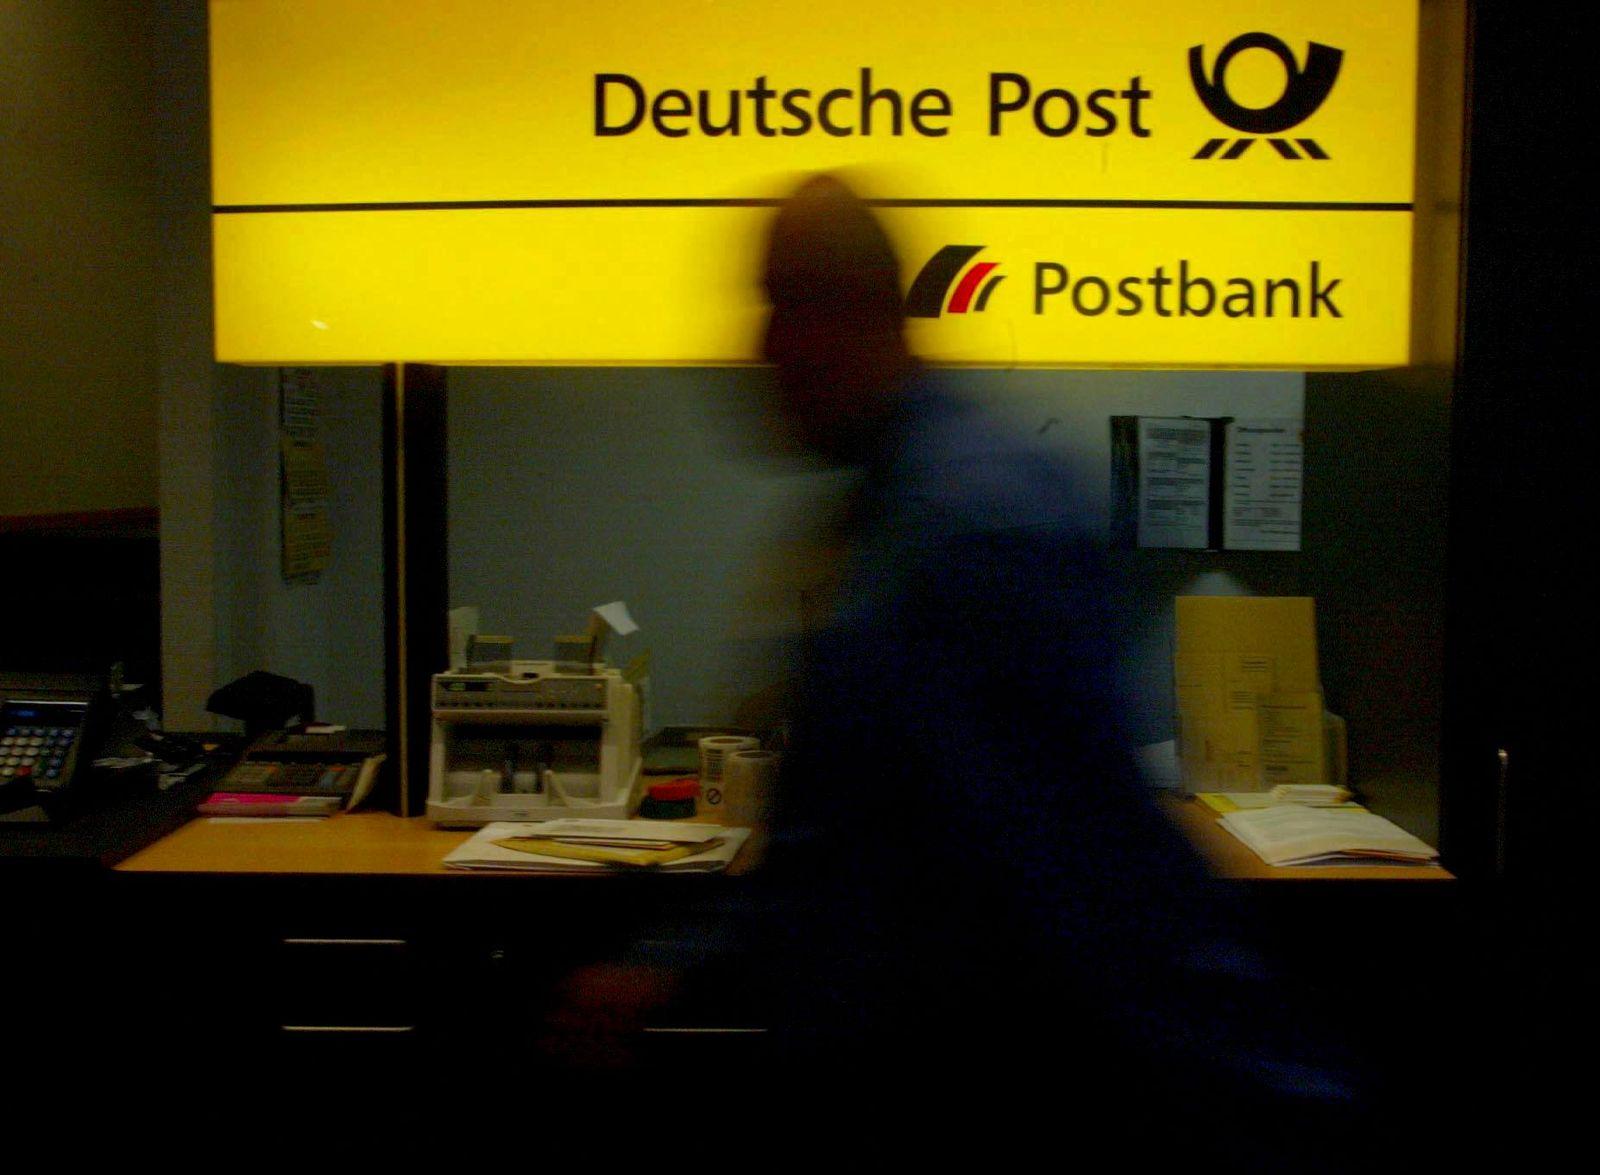 NICHT VERWENDEN Postbank